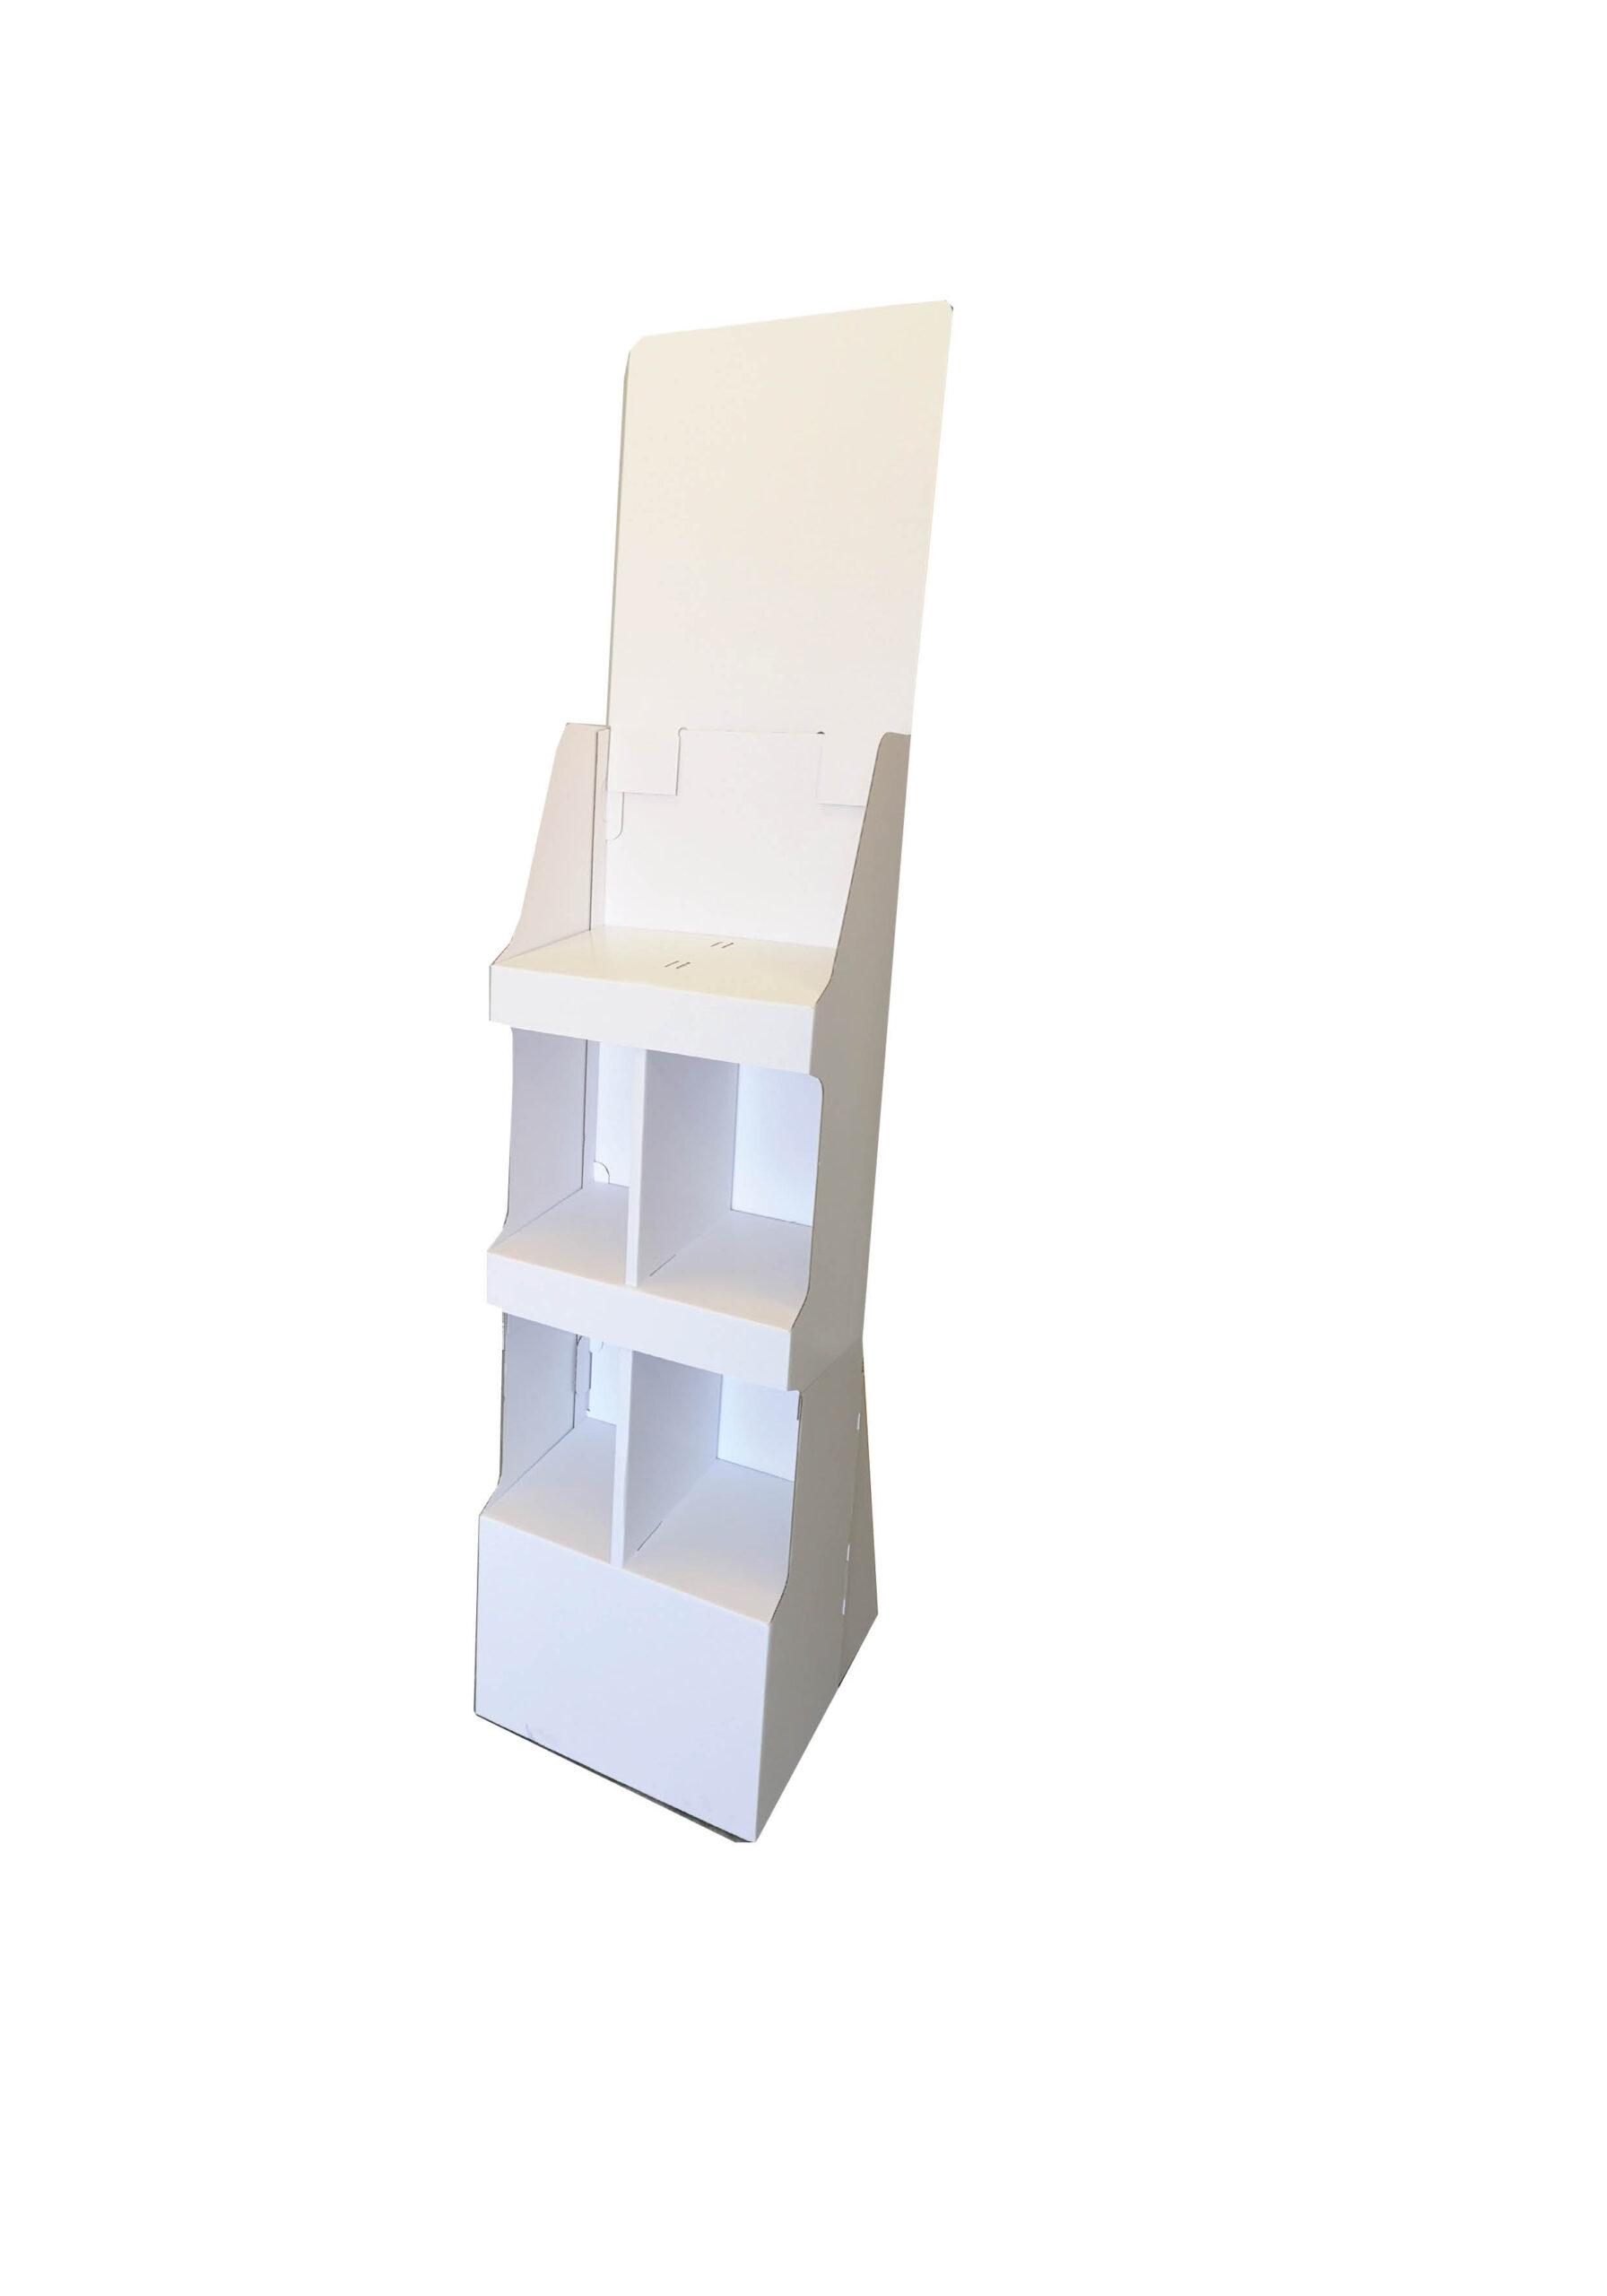 112067 golvställ med 3 hyllor för tunga produkter.